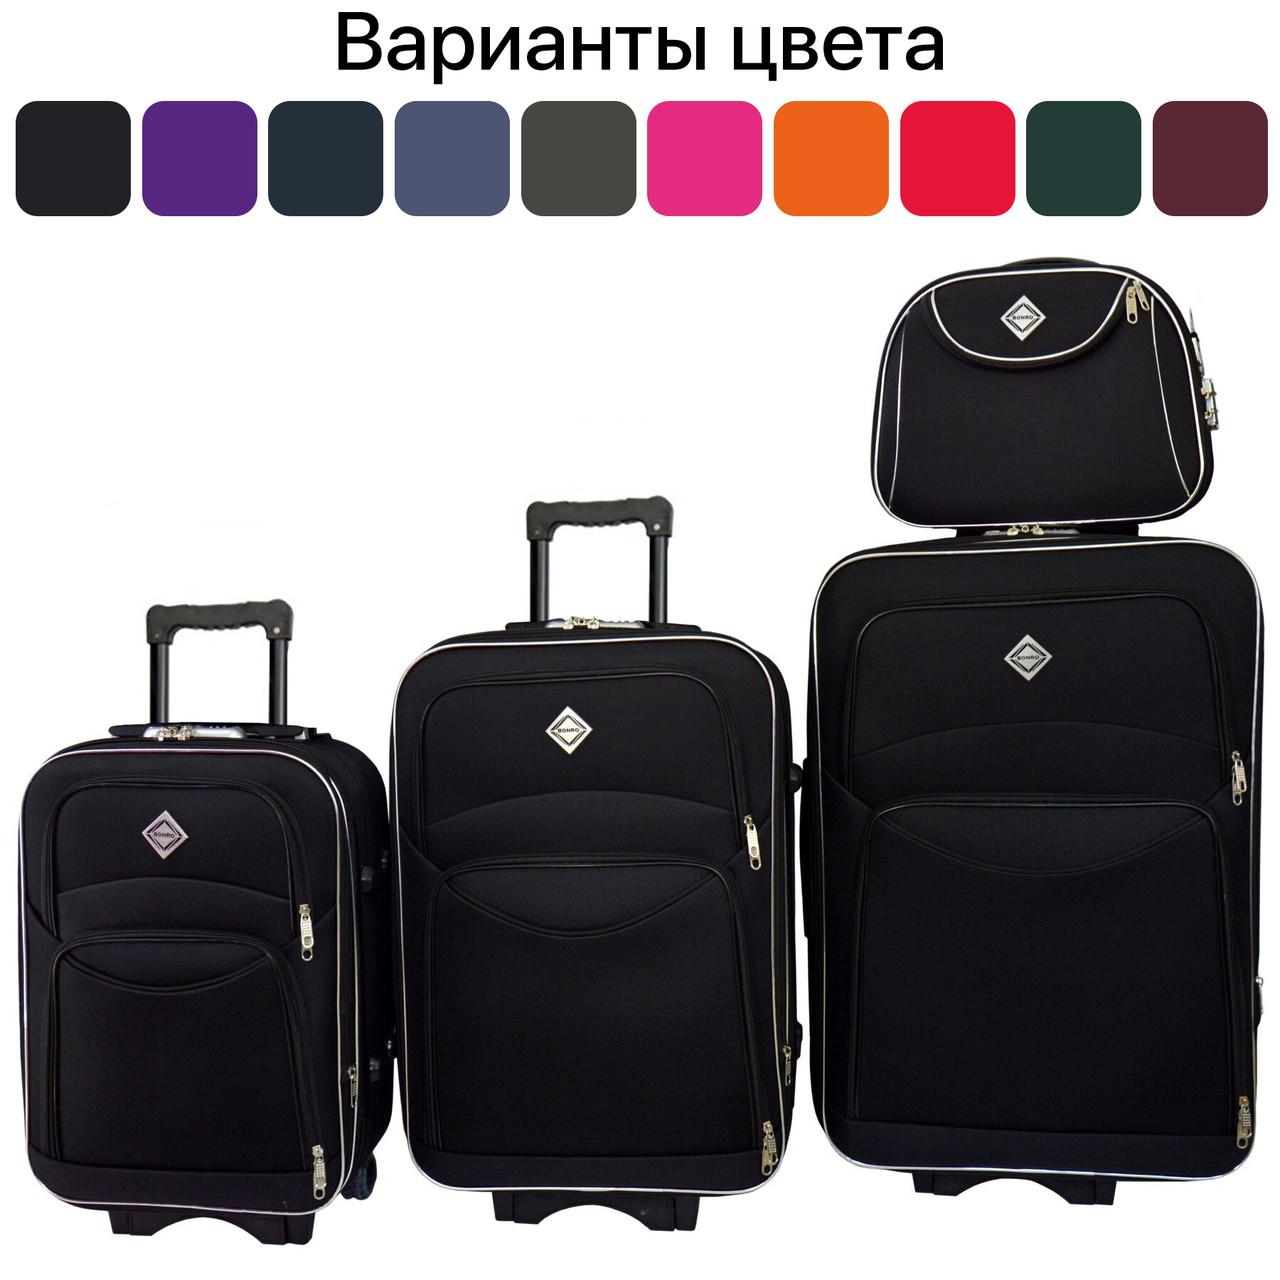 Набір дорожніх валіз і кейс 4 в 1 Bonro Style комплект